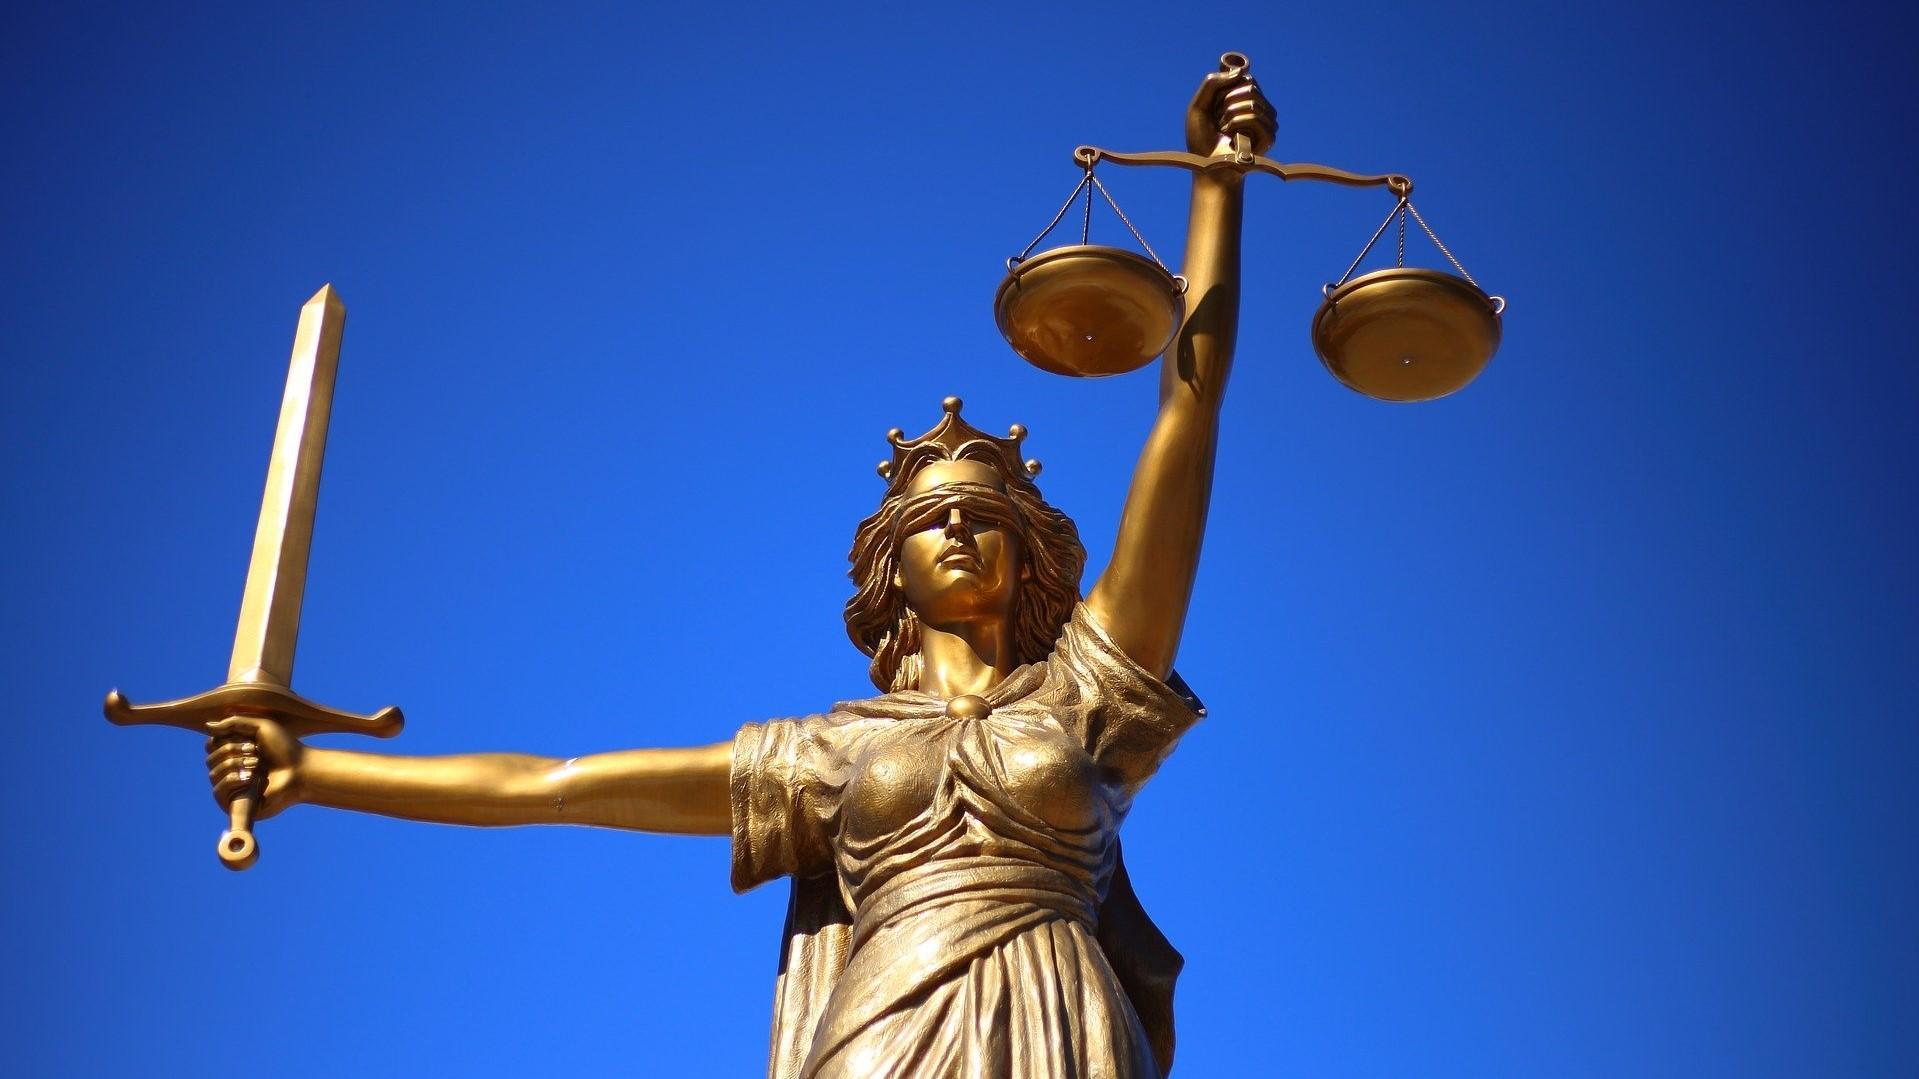 Als Zeuge vor Gericht haben Sie Pflichten und Rechte